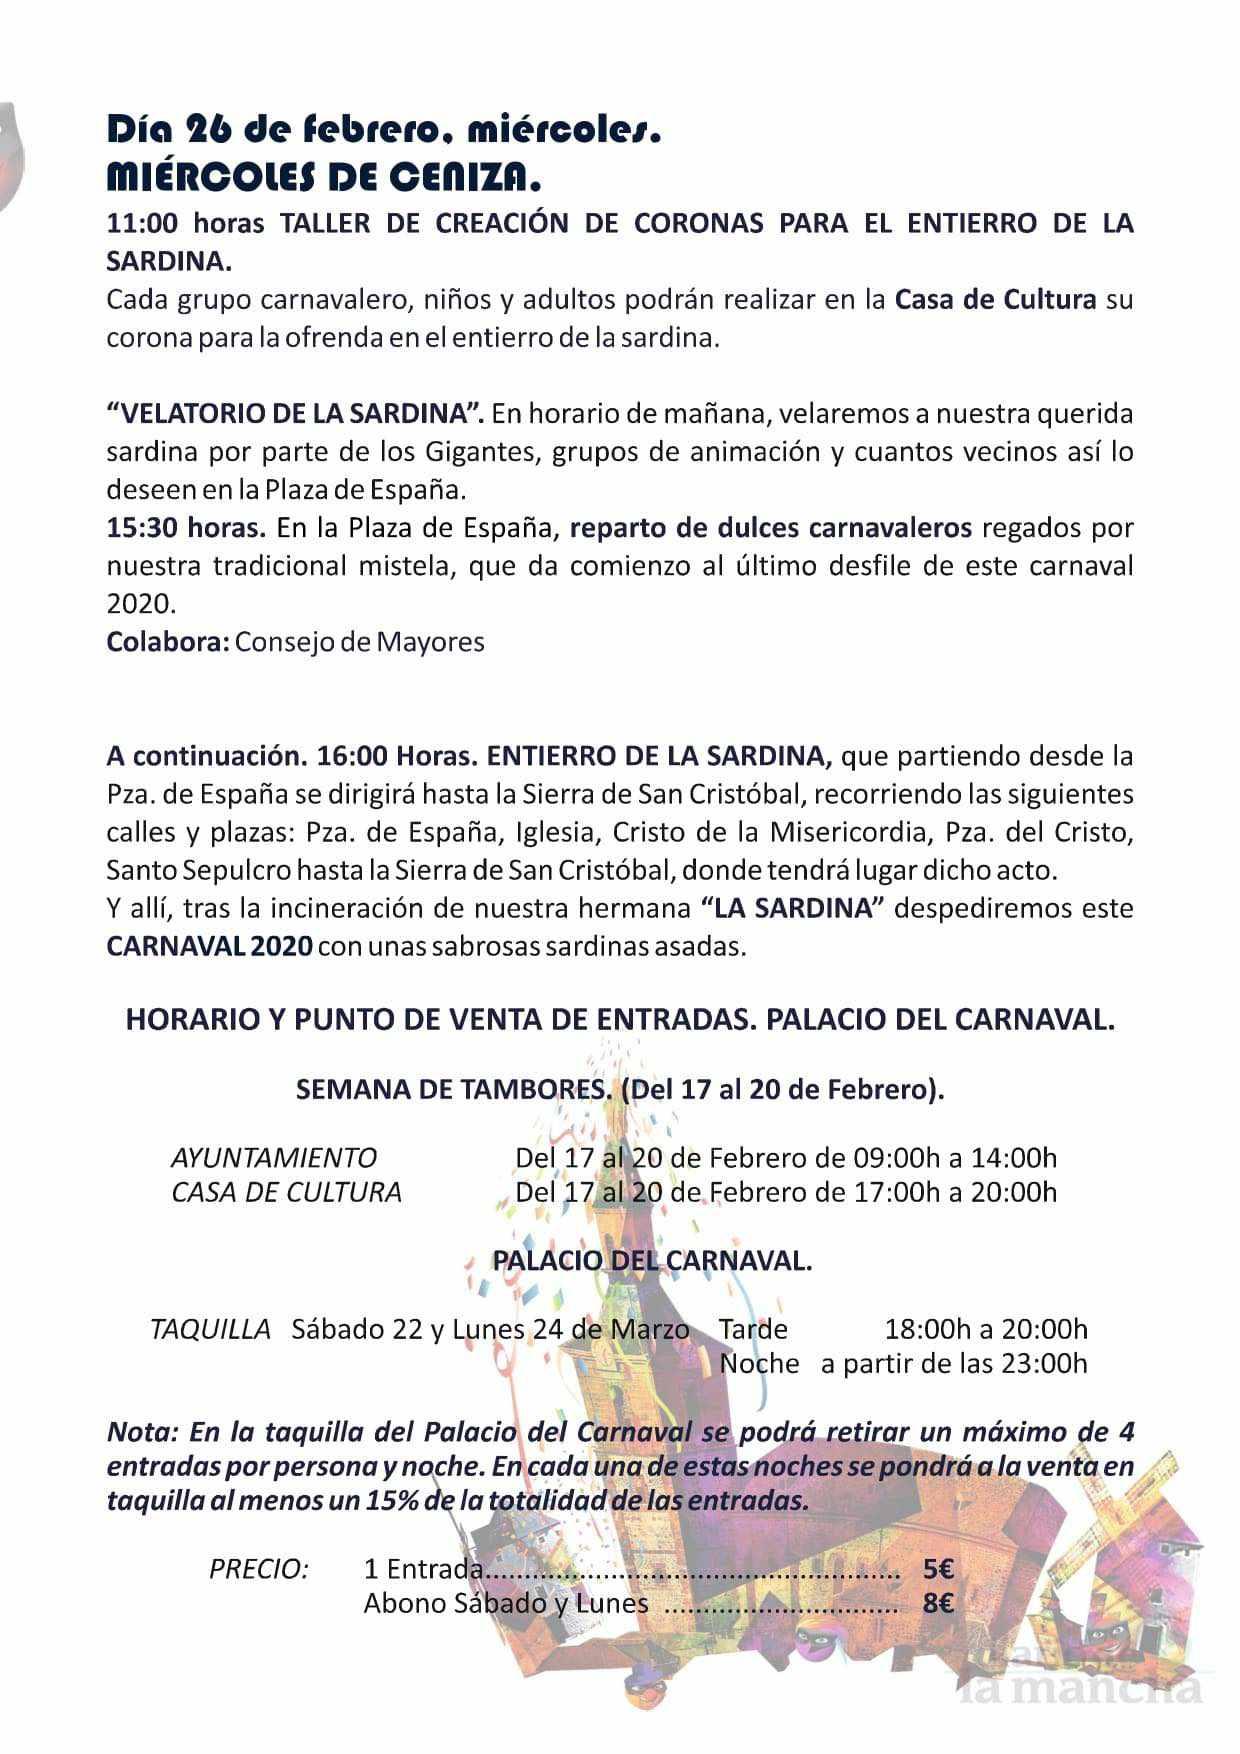 programacion carnaval 2020 herencia 9 - El actor Salva Reina pregonará un Carnaval de Herencia de Interés Turístico Nacional